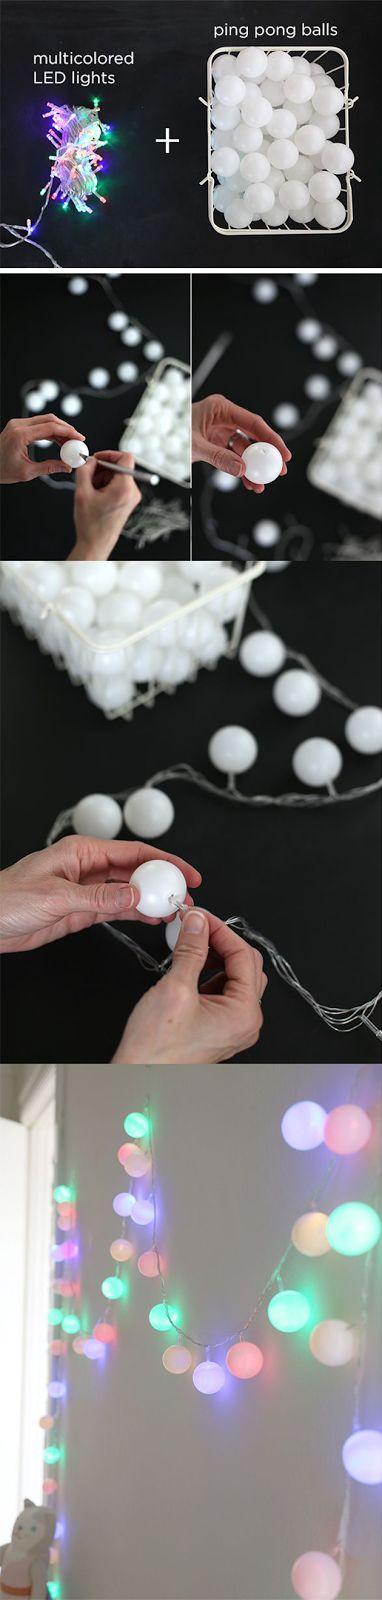 Pisca pisca feito com bolas de ping pong - Faça você mesmo. | Um lar para Amar - Blog de decoração.